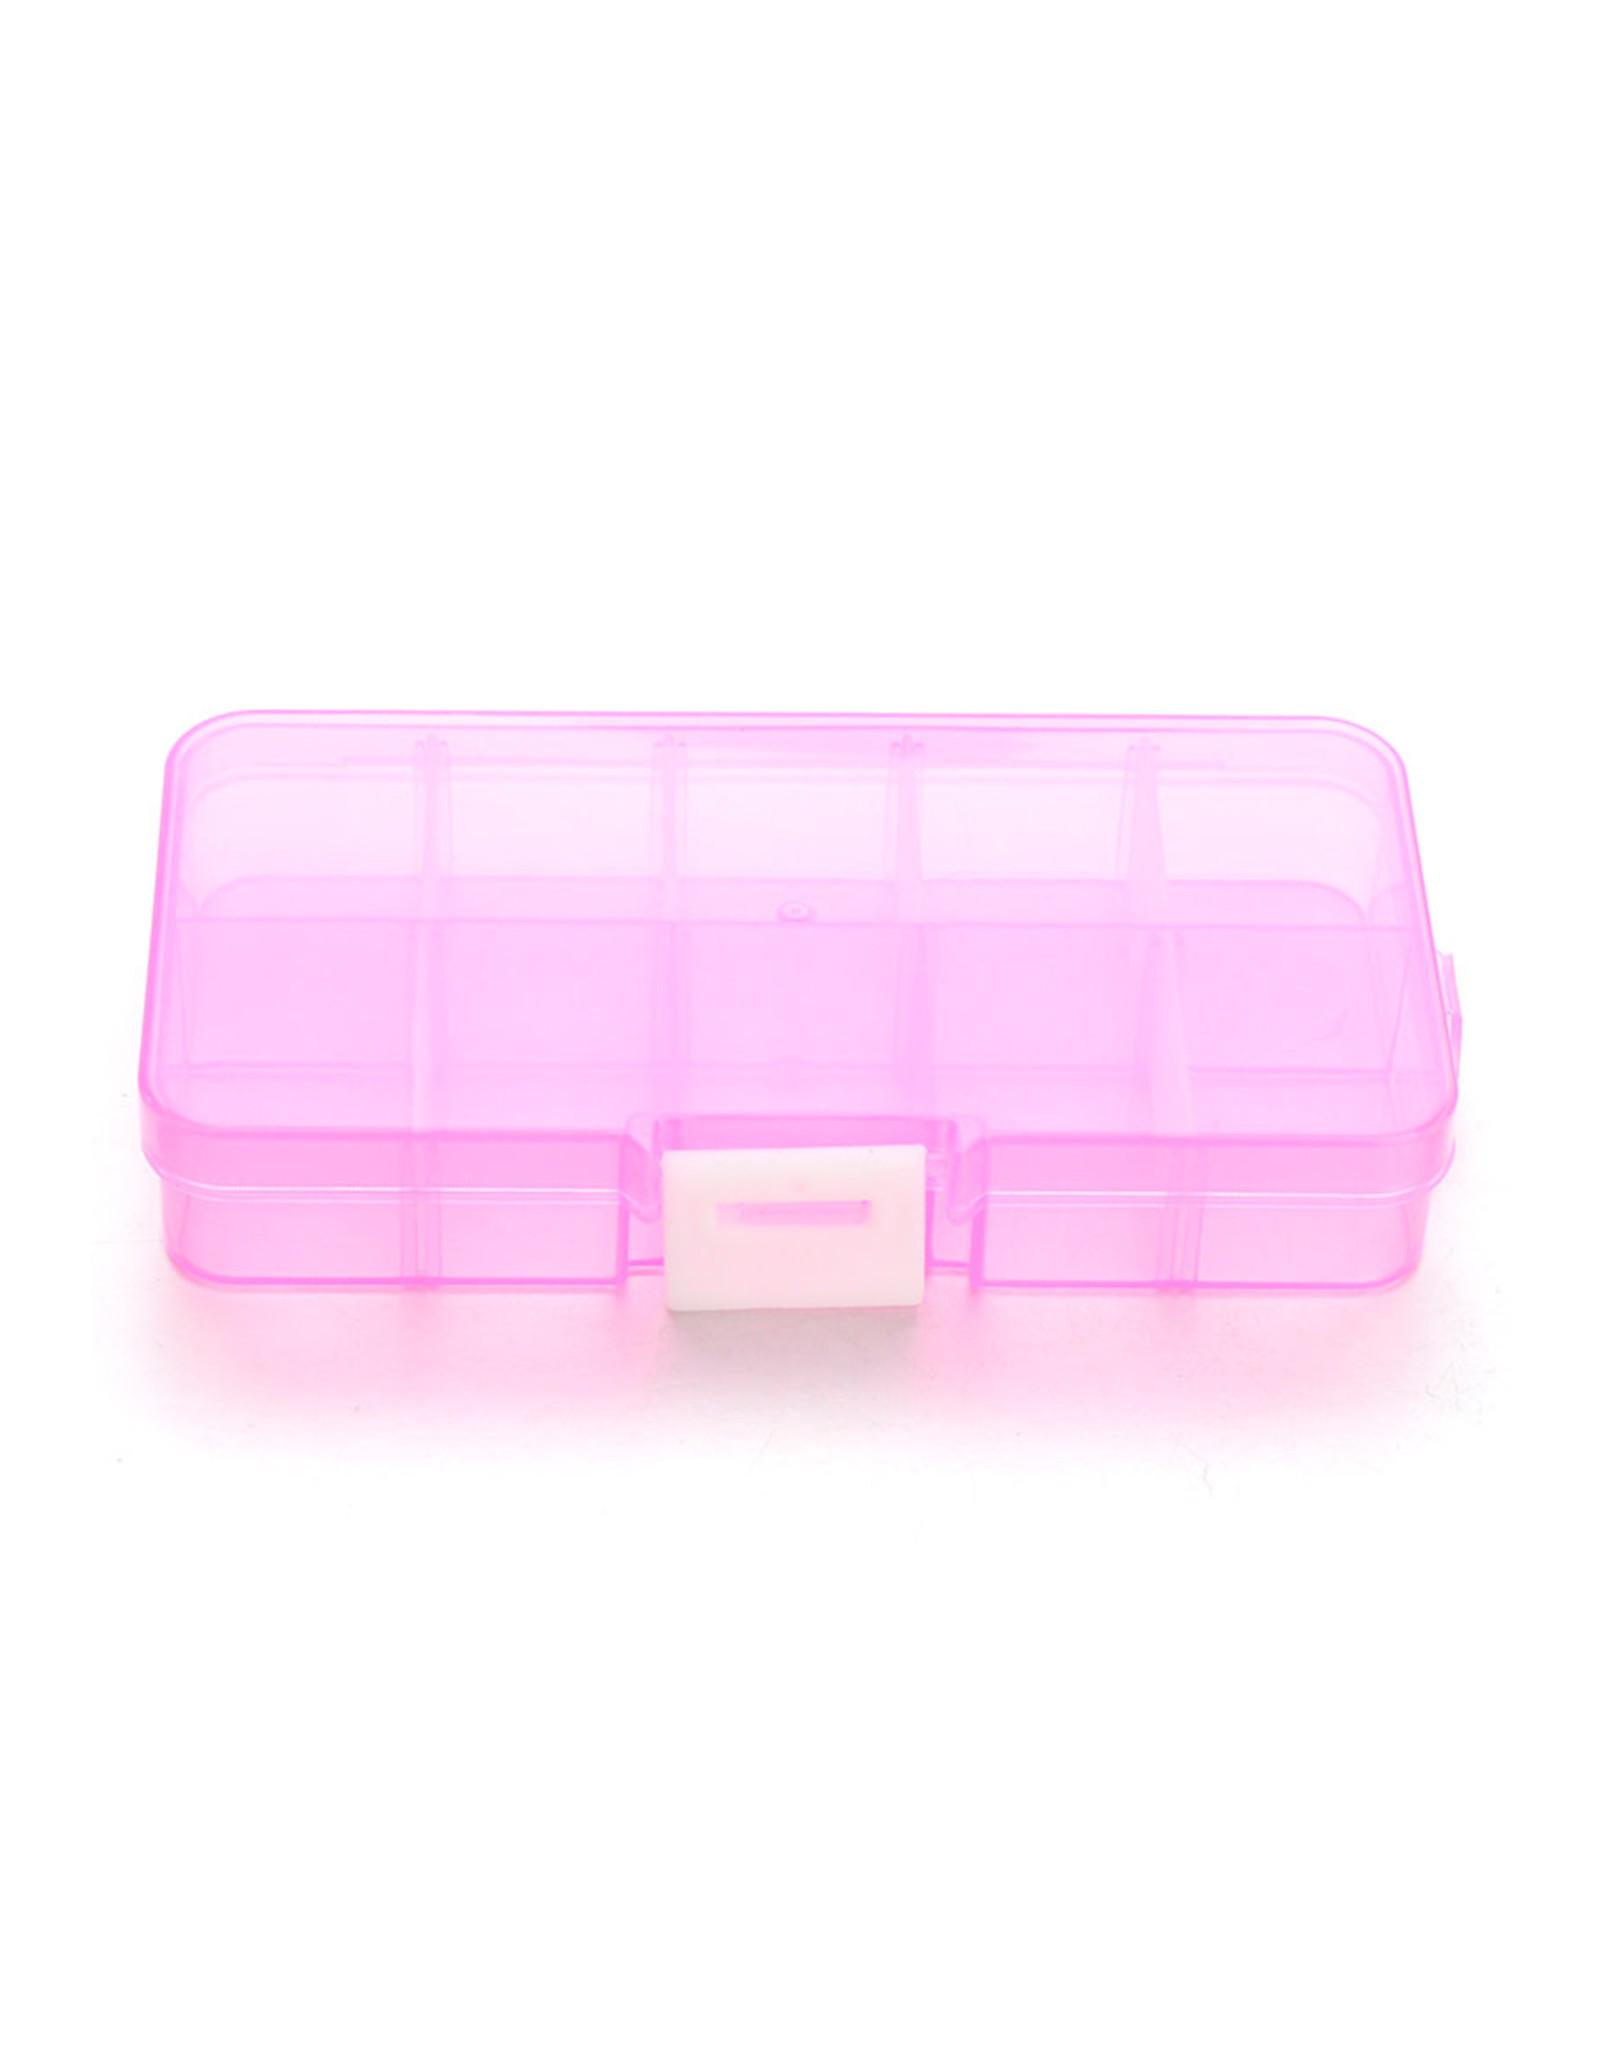 Kunststof doosje roze 13x7cm met maximaal 10 vakjes...